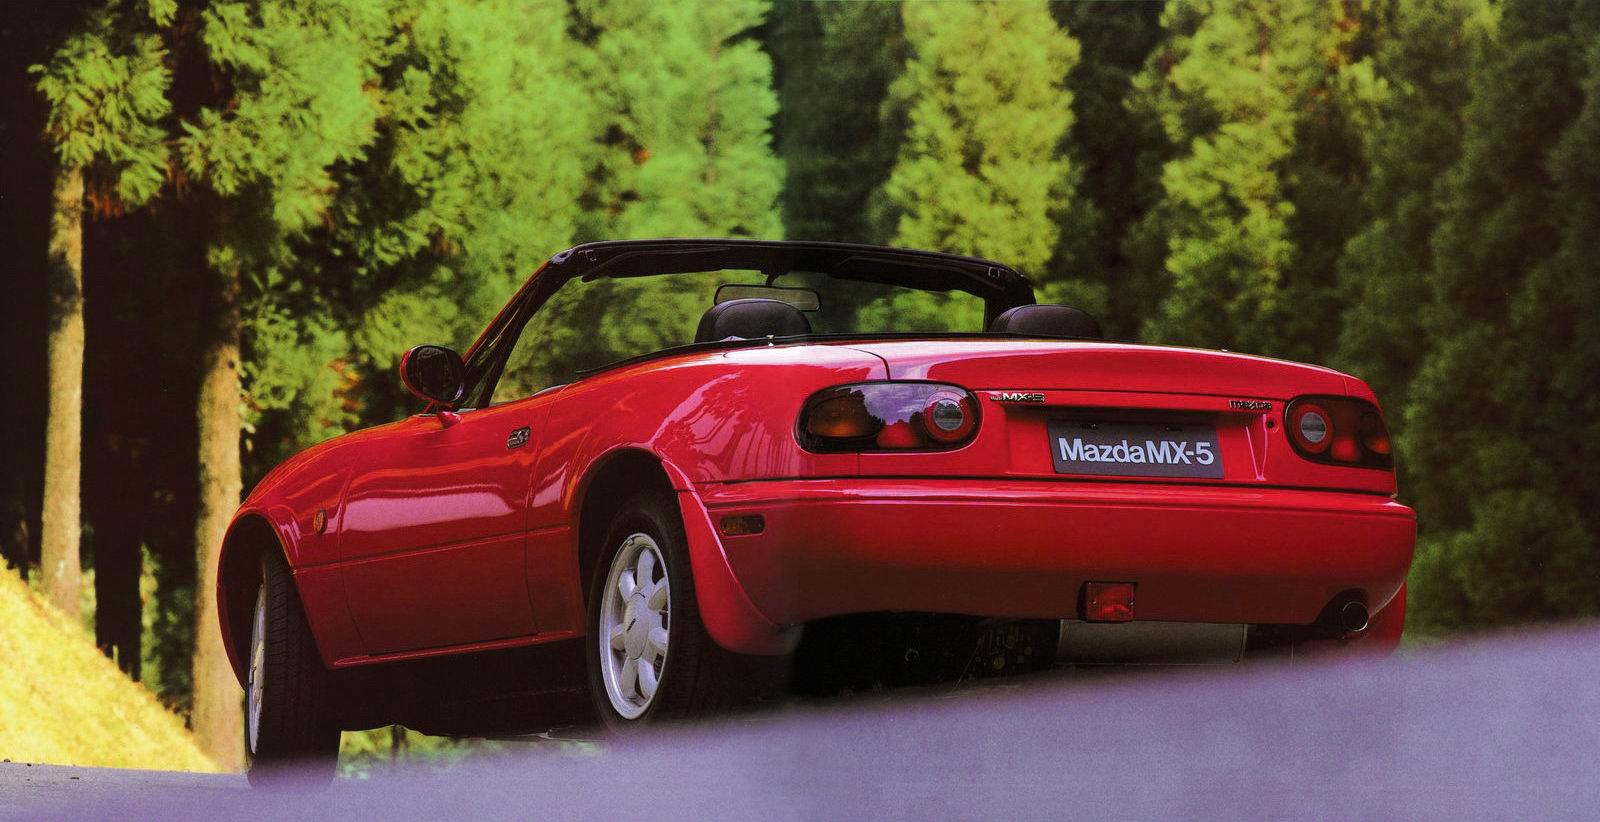 1990 Mazda MX-5 Miata rear 3/4 trees